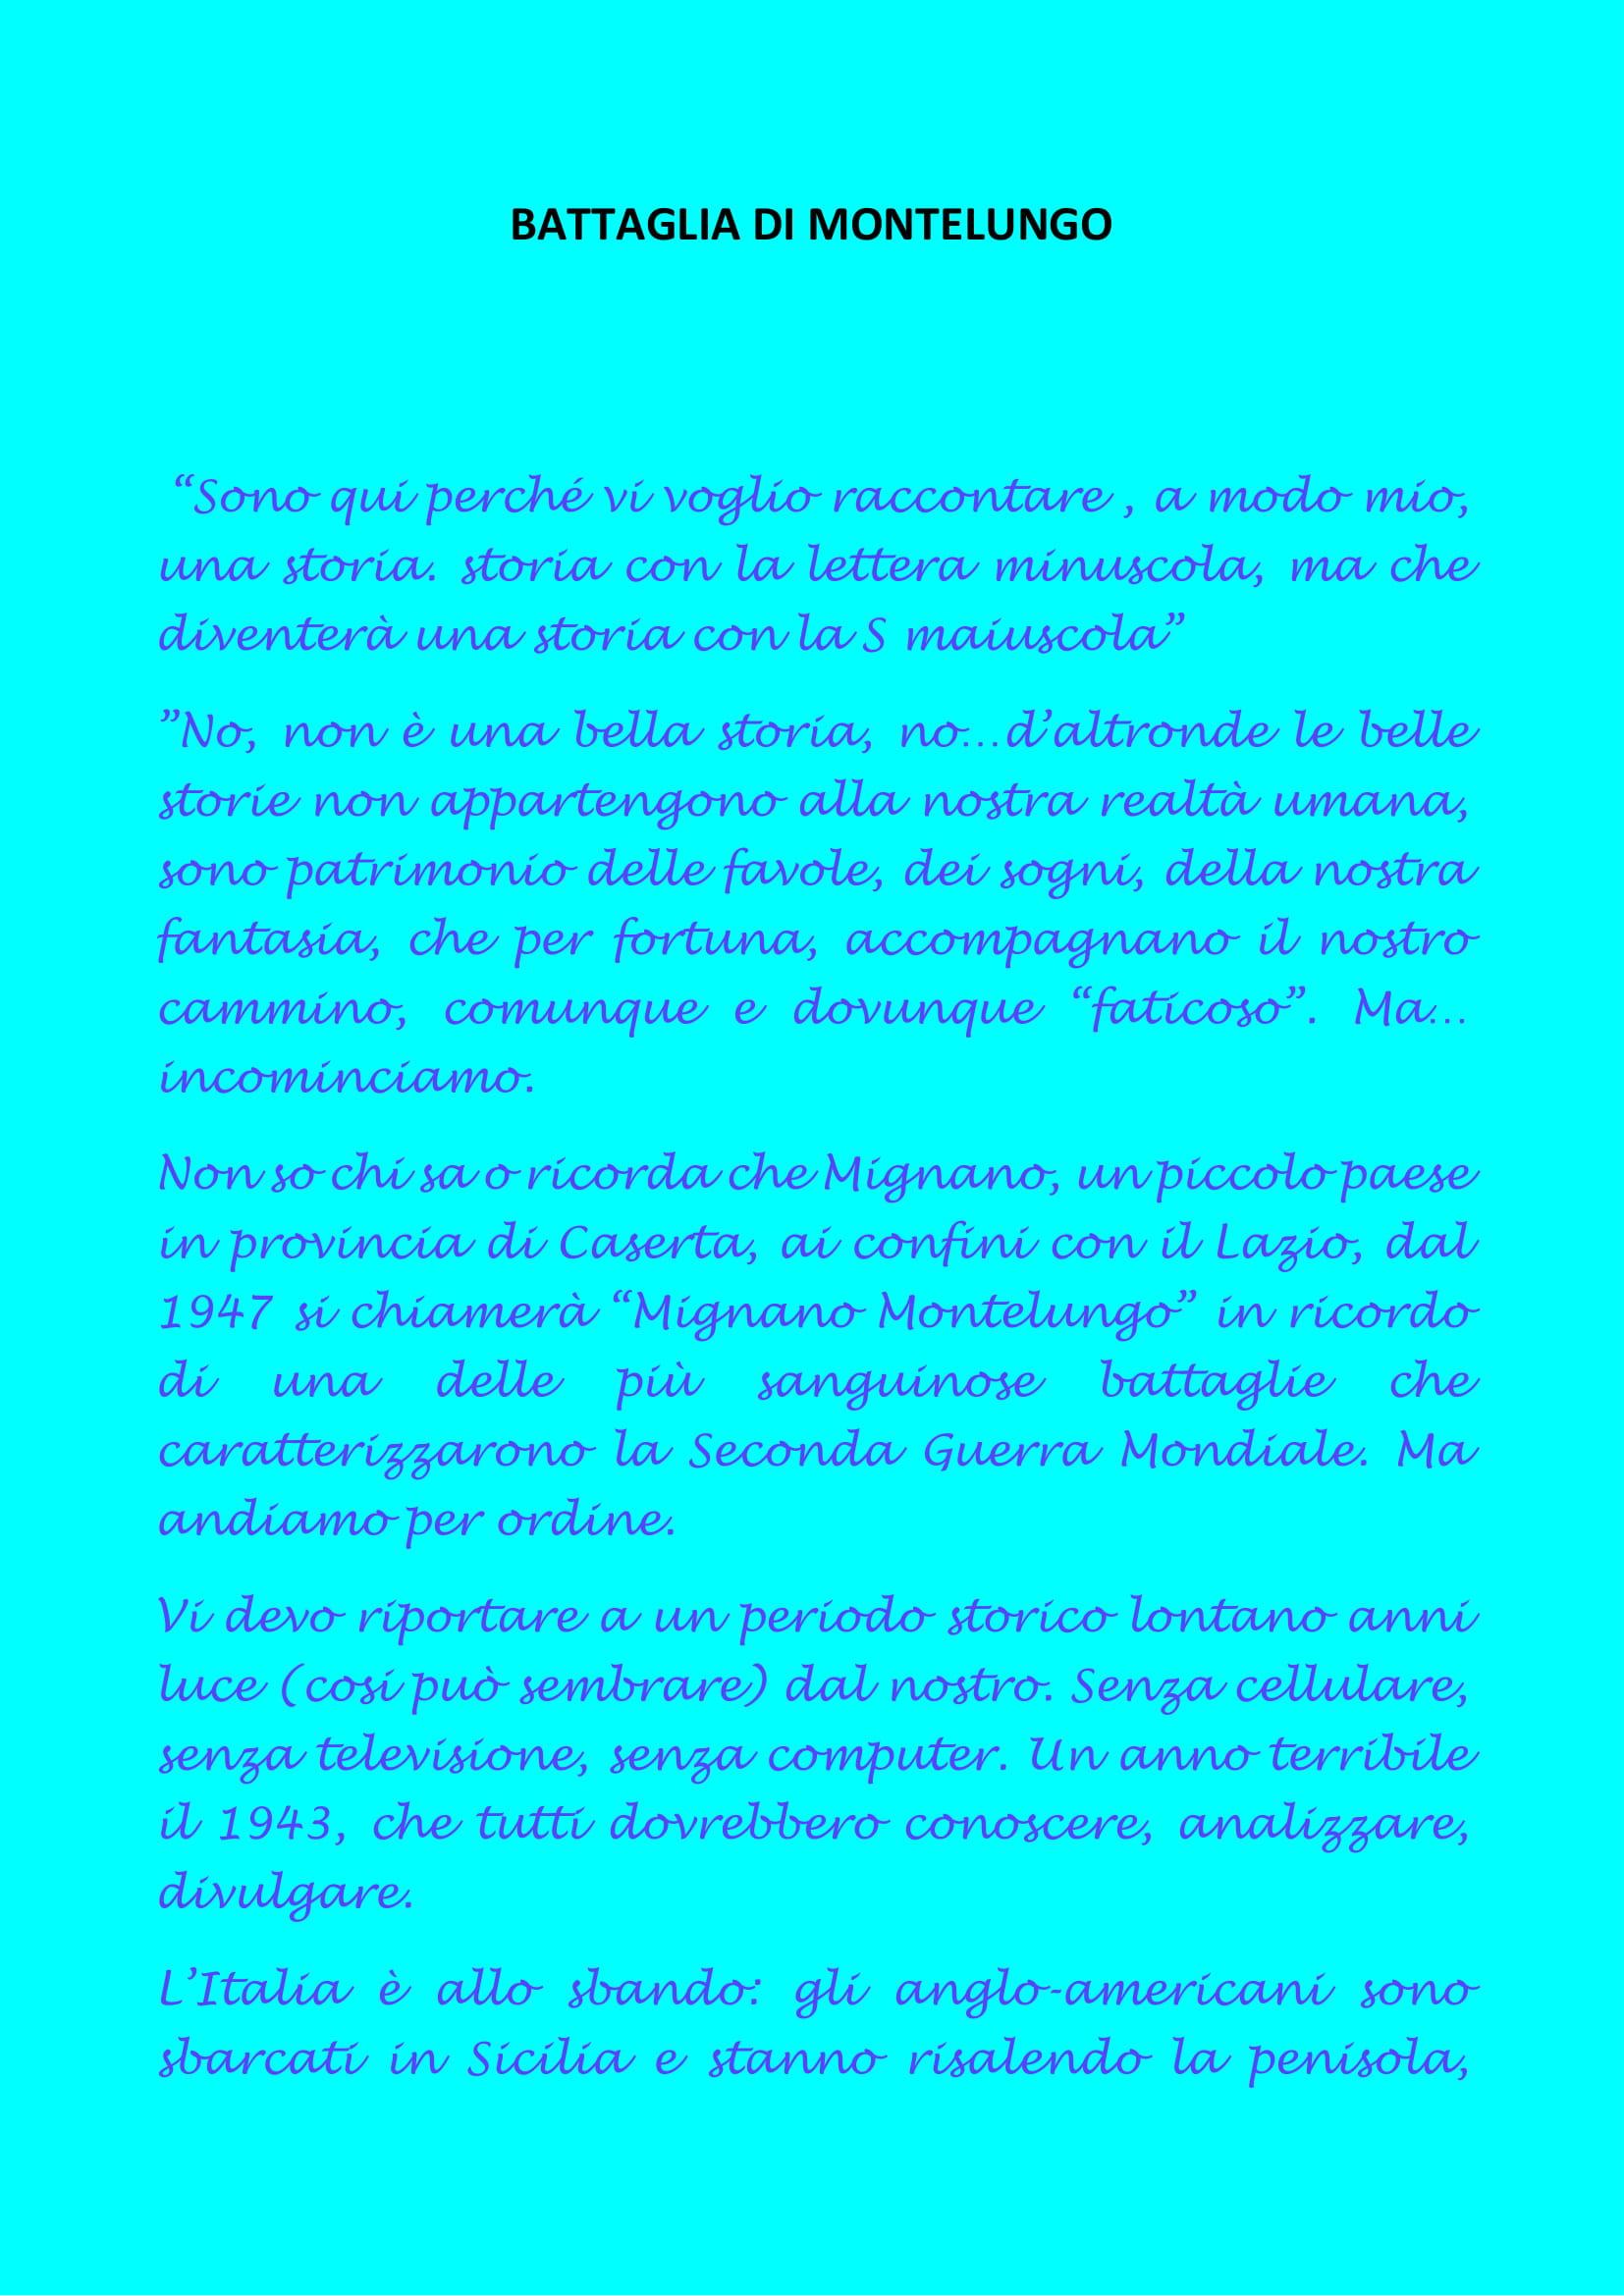 BATTAGLIA DI MONTELUNGO-1